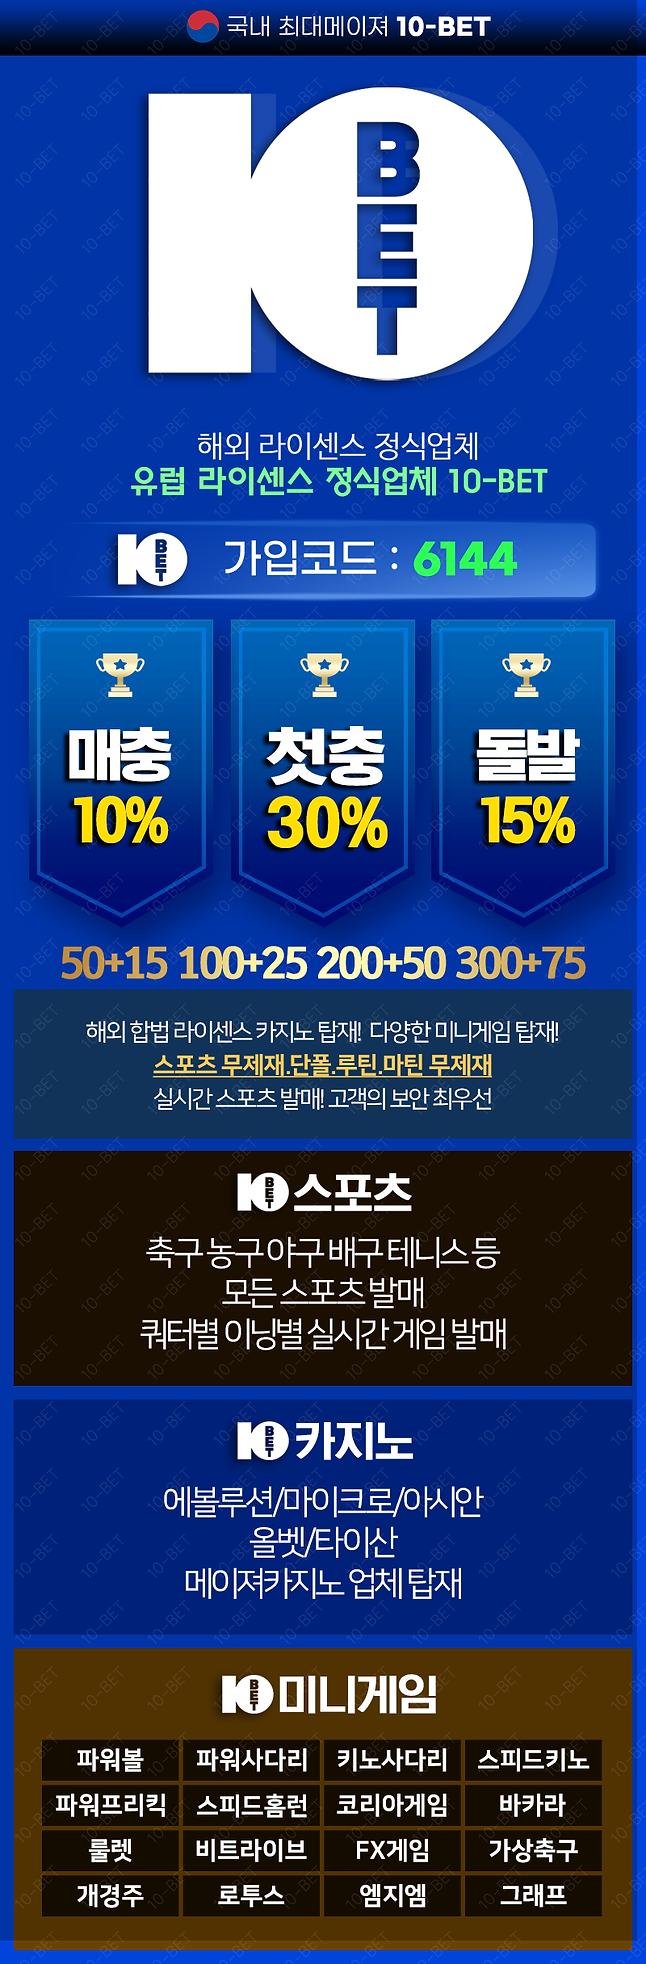 텐벳 사이트 이벤트 주소 가입코드.png